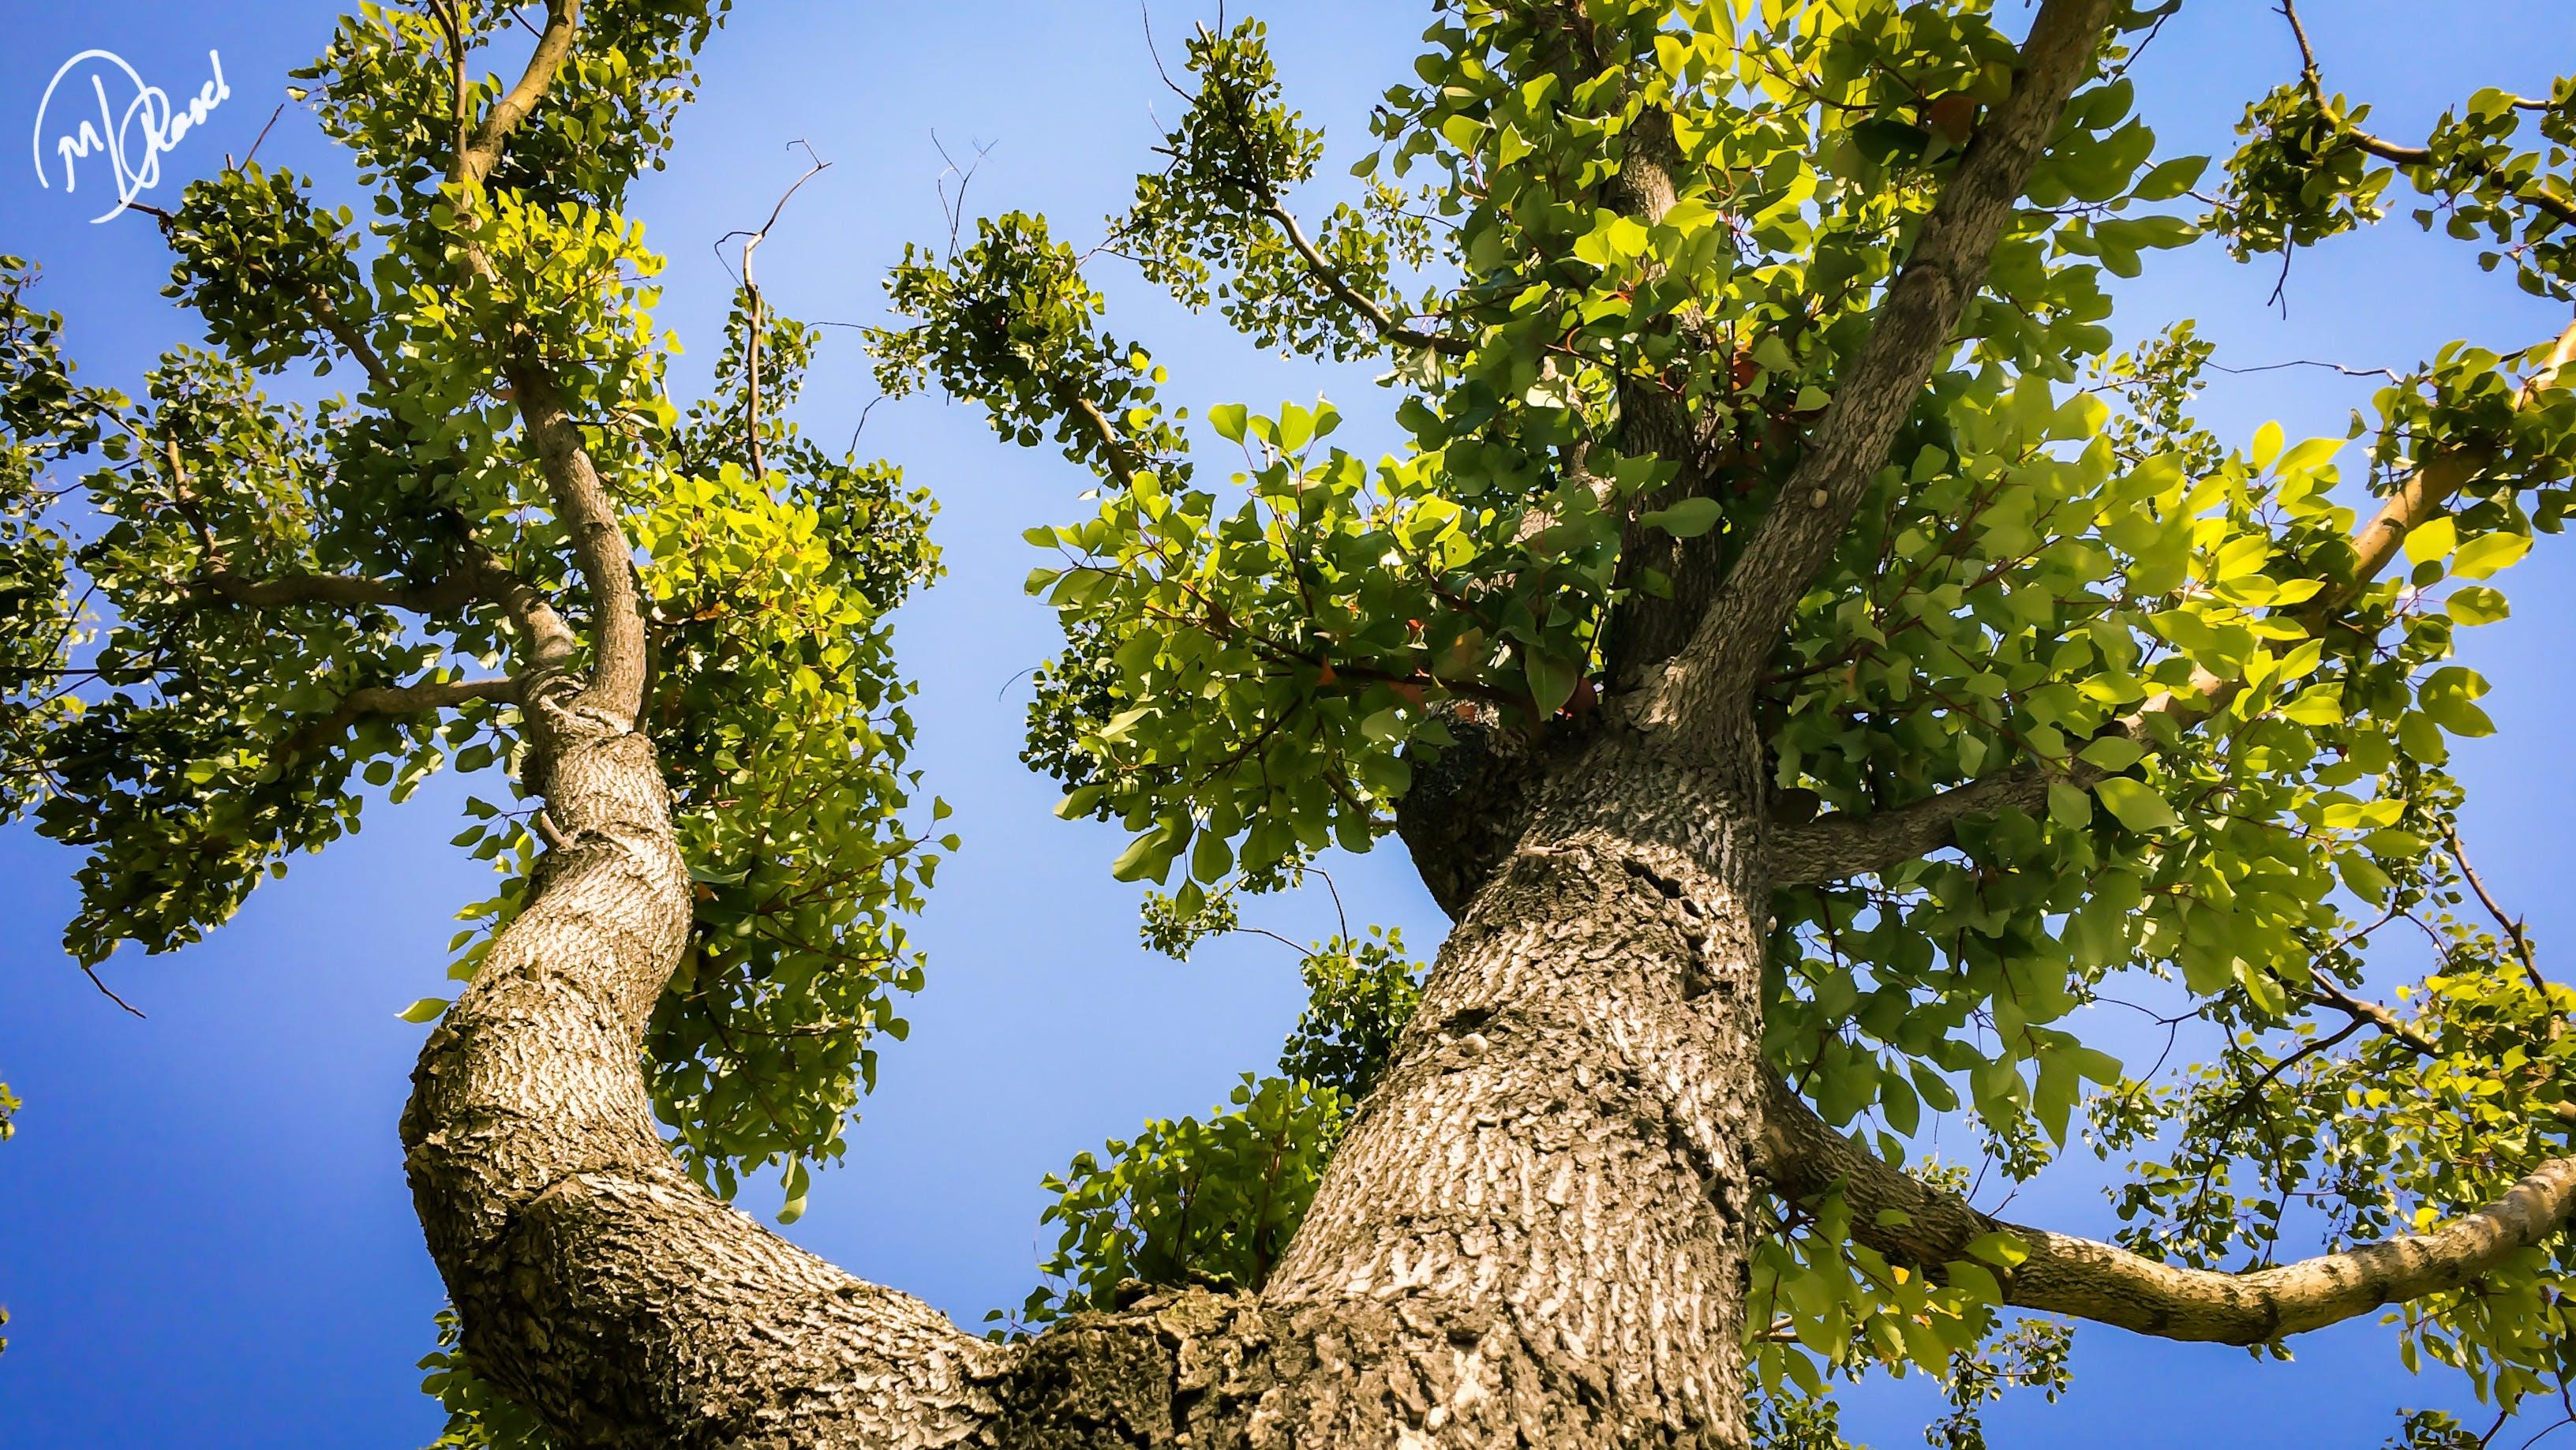 Δωρεάν στοκ φωτογραφιών με δέντρα, δέντρο, δέντρο close shot, κάτω μέρος του δέντρου